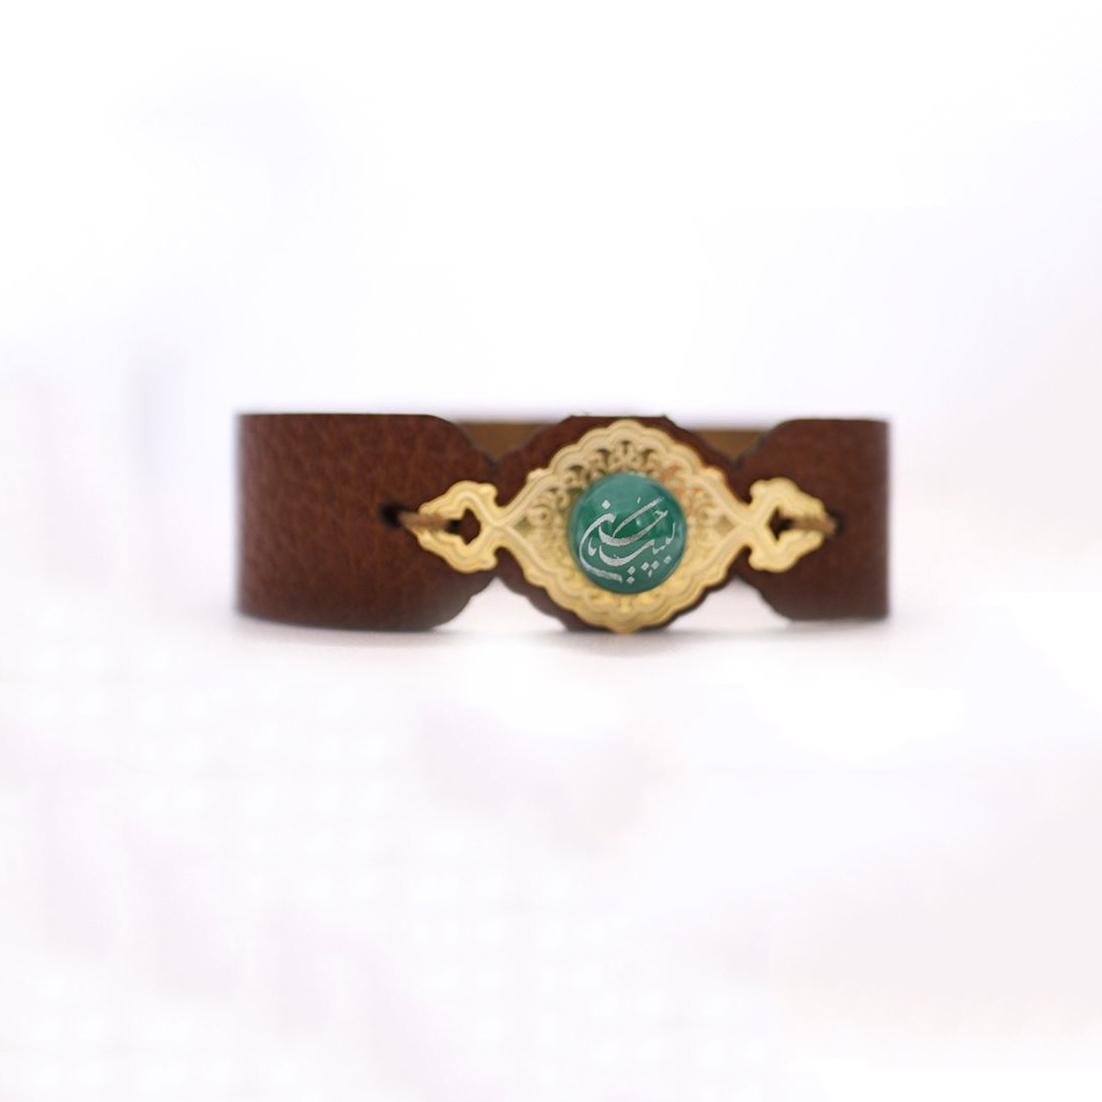 تصویر از دستبند چرمی نگین دار طرح «لبیک یا حسین»